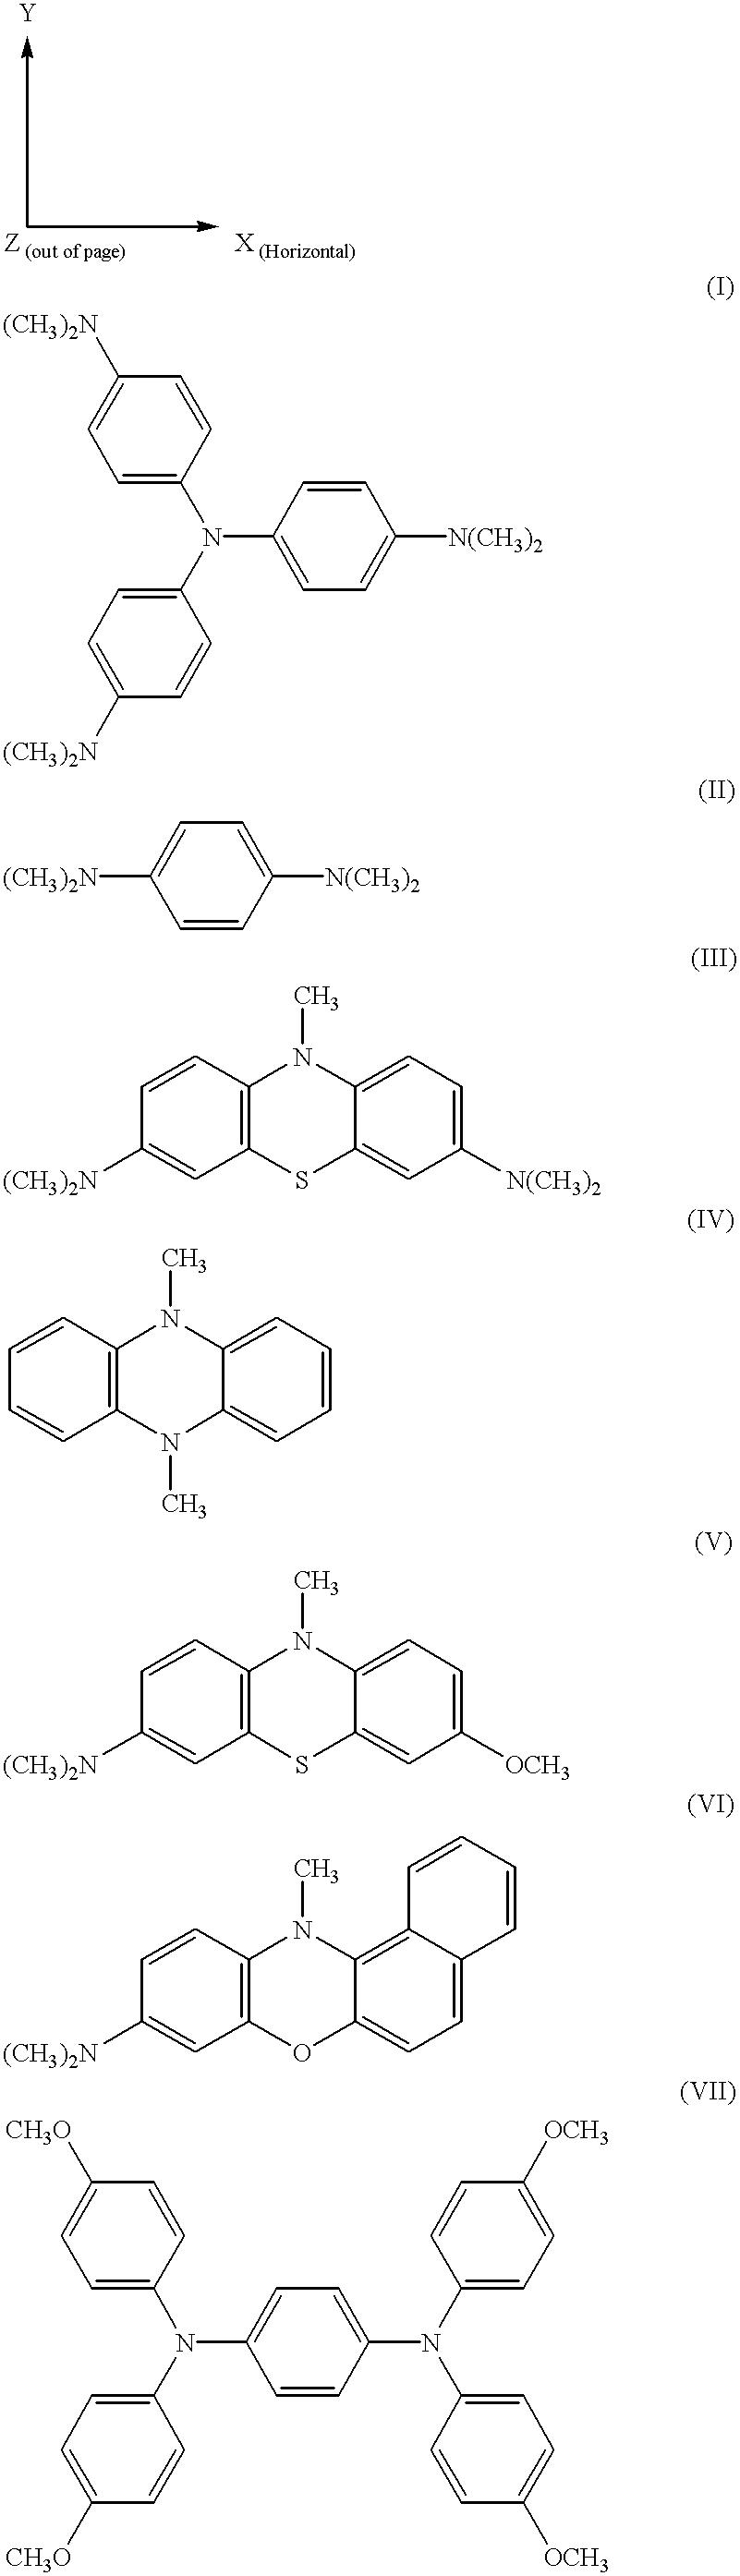 Figure US06193912-20010227-C00002